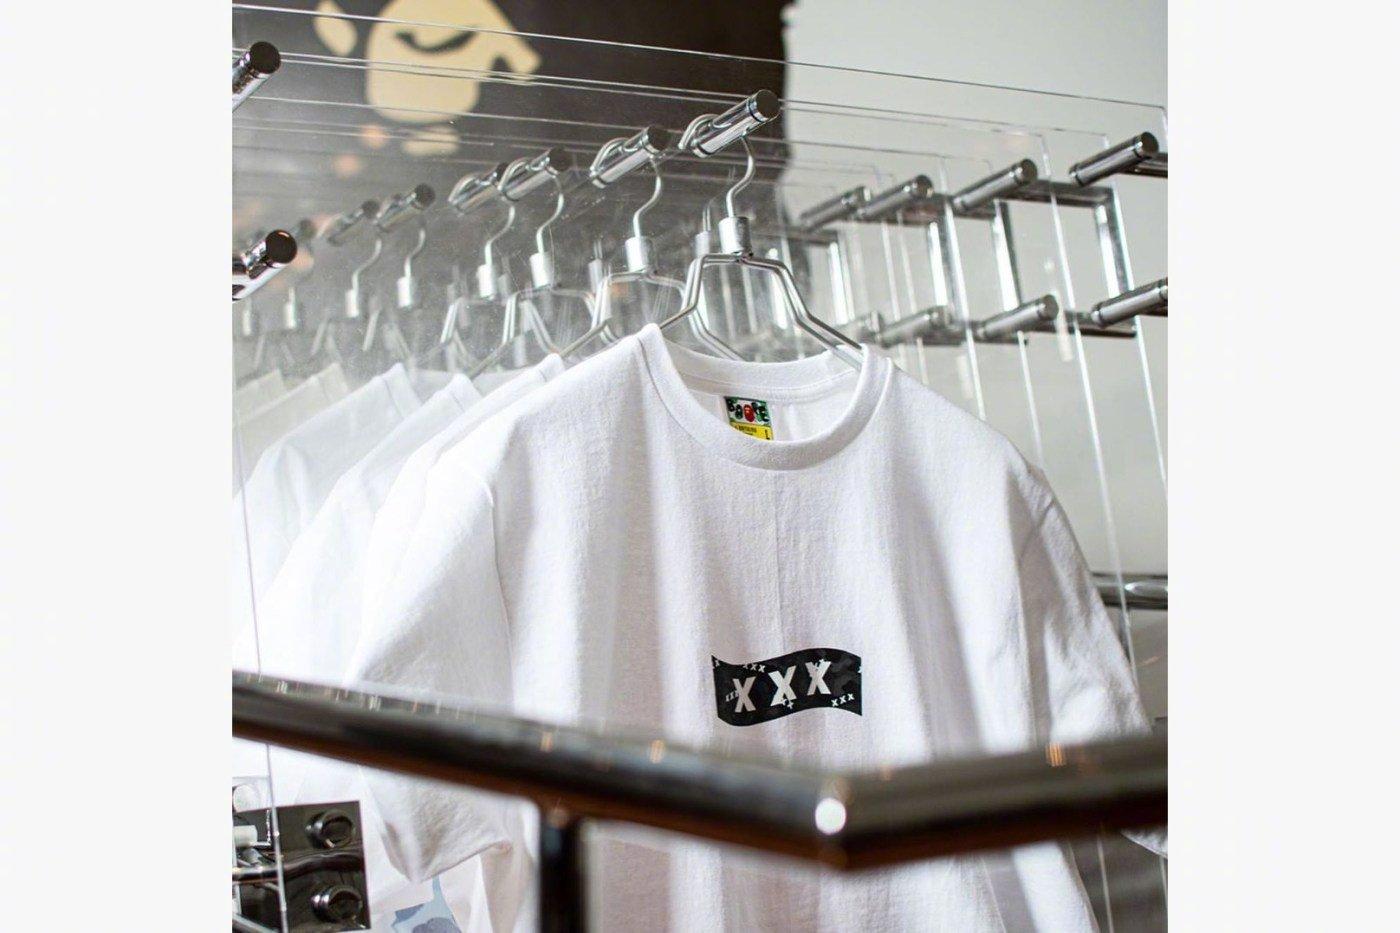 宫崎泰成成立的时装品牌 GOD SELECTION XXX 是近年日牌新星